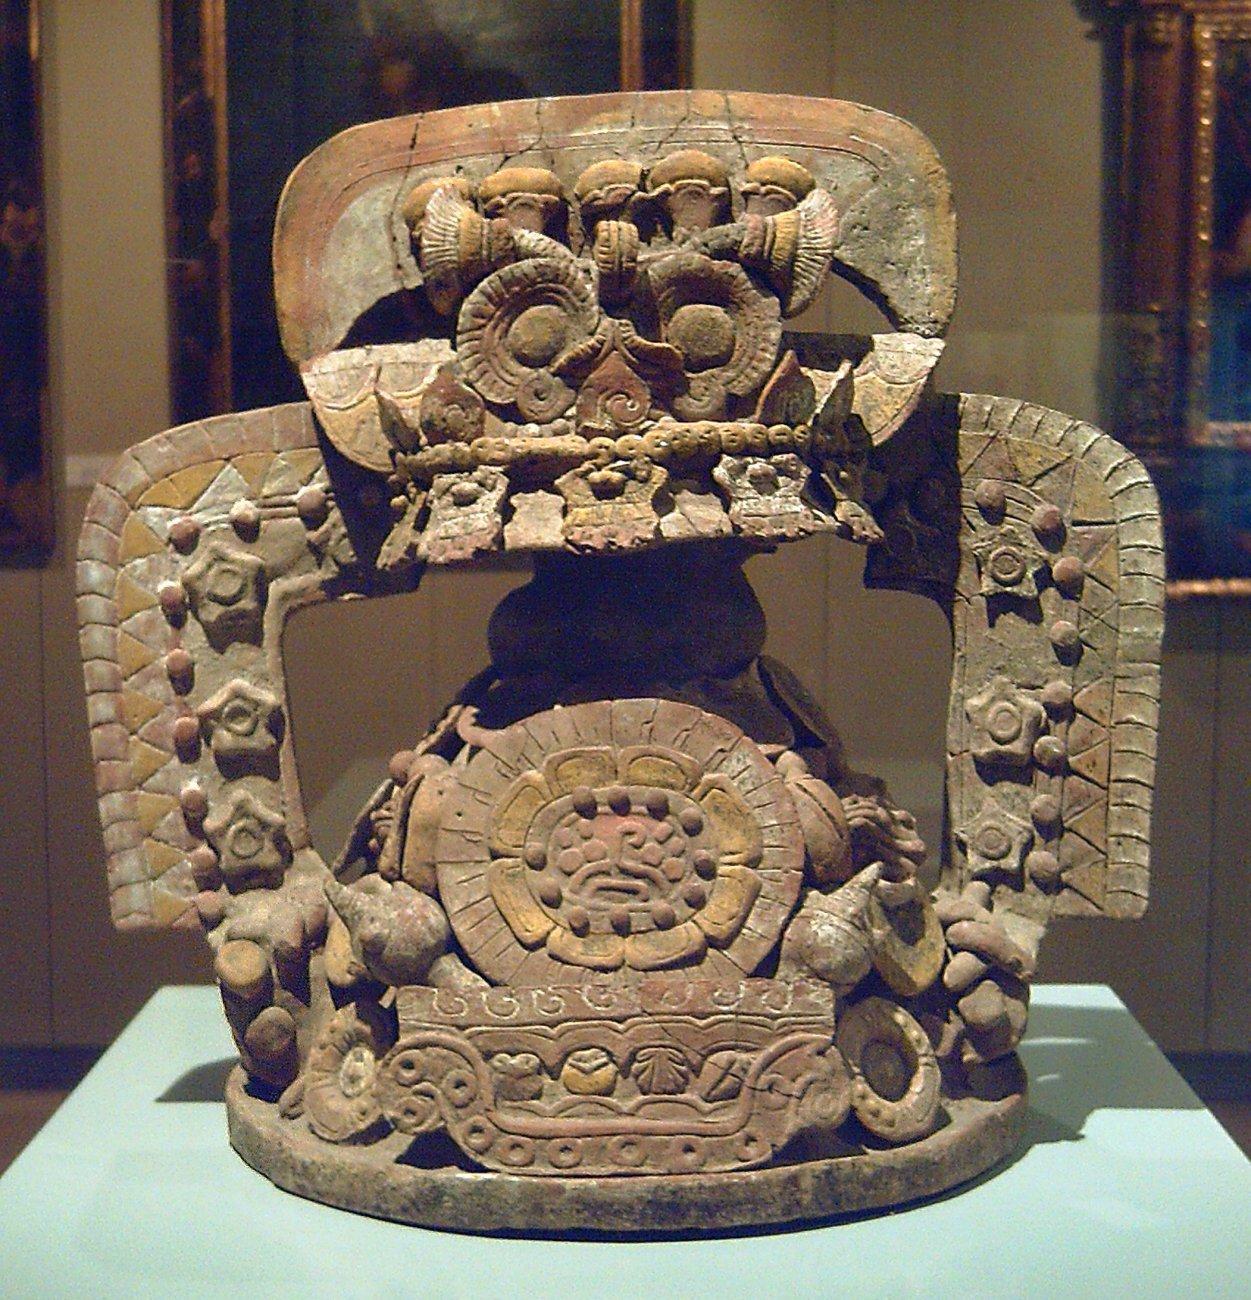 Tapadera_de_incensario_teotihuacana_(M._América_Inv.91-11-45)_01.jpg